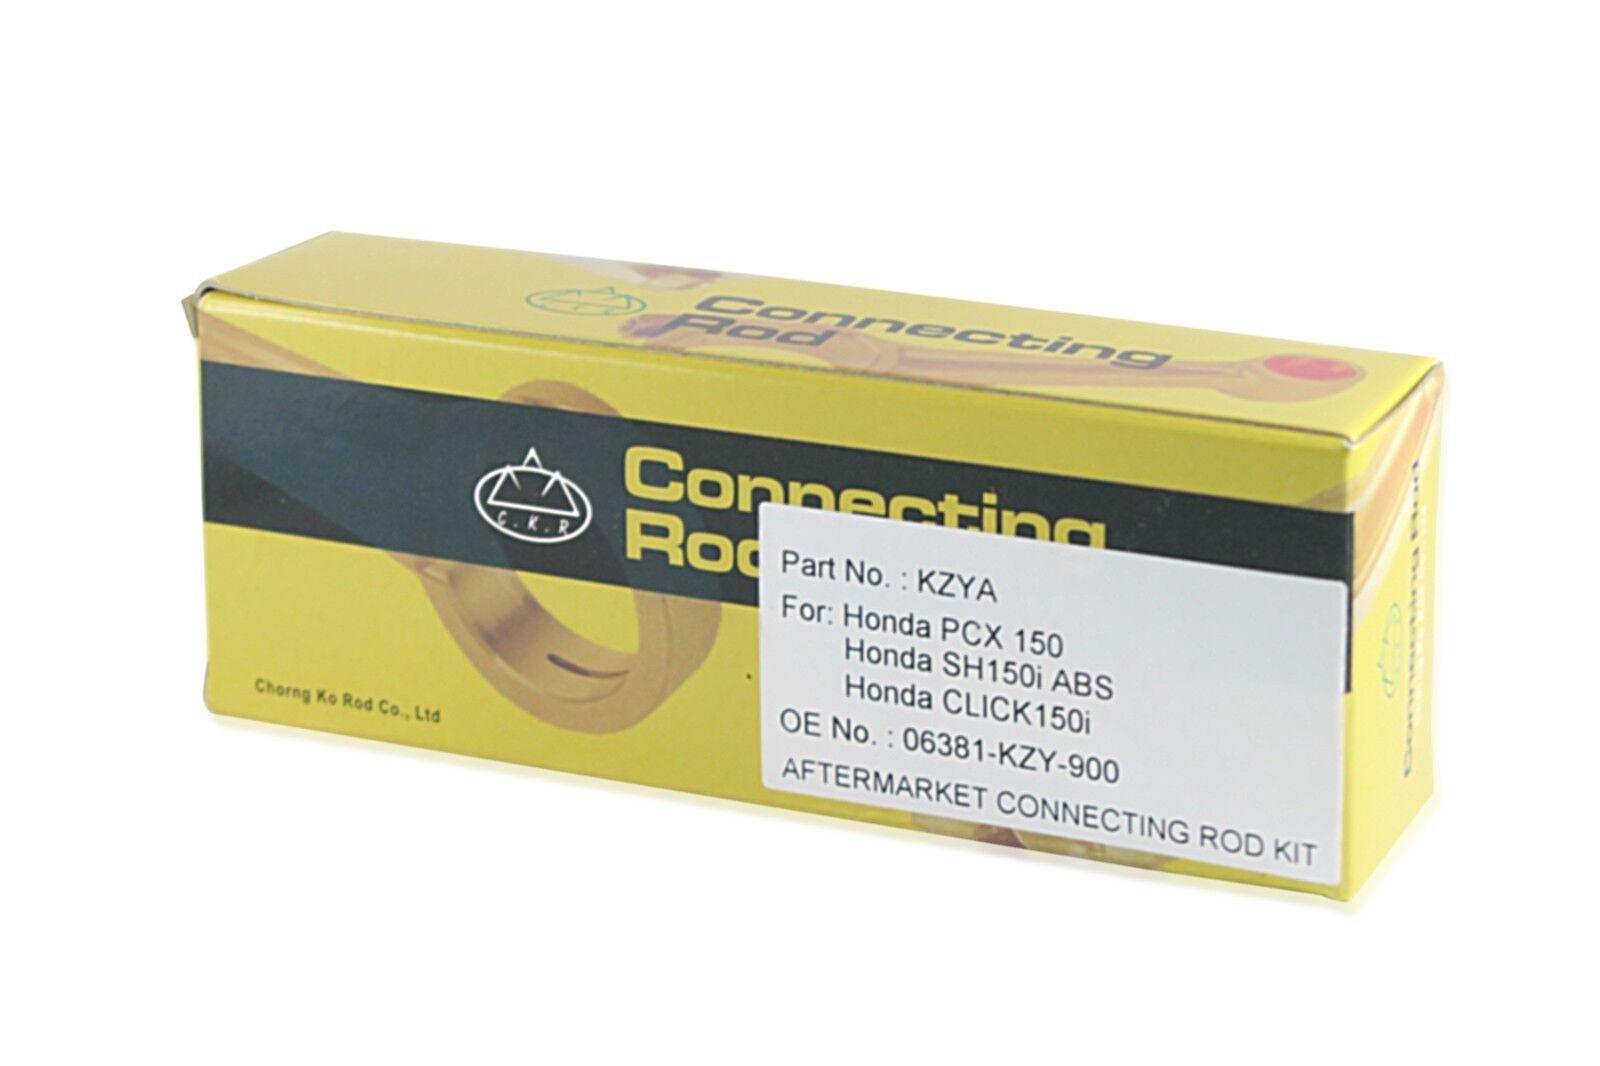 Long rod 115mm TOP Connecting Rod Kit For Yamaha 1987-2006 Banshee 350 Chorng Ko